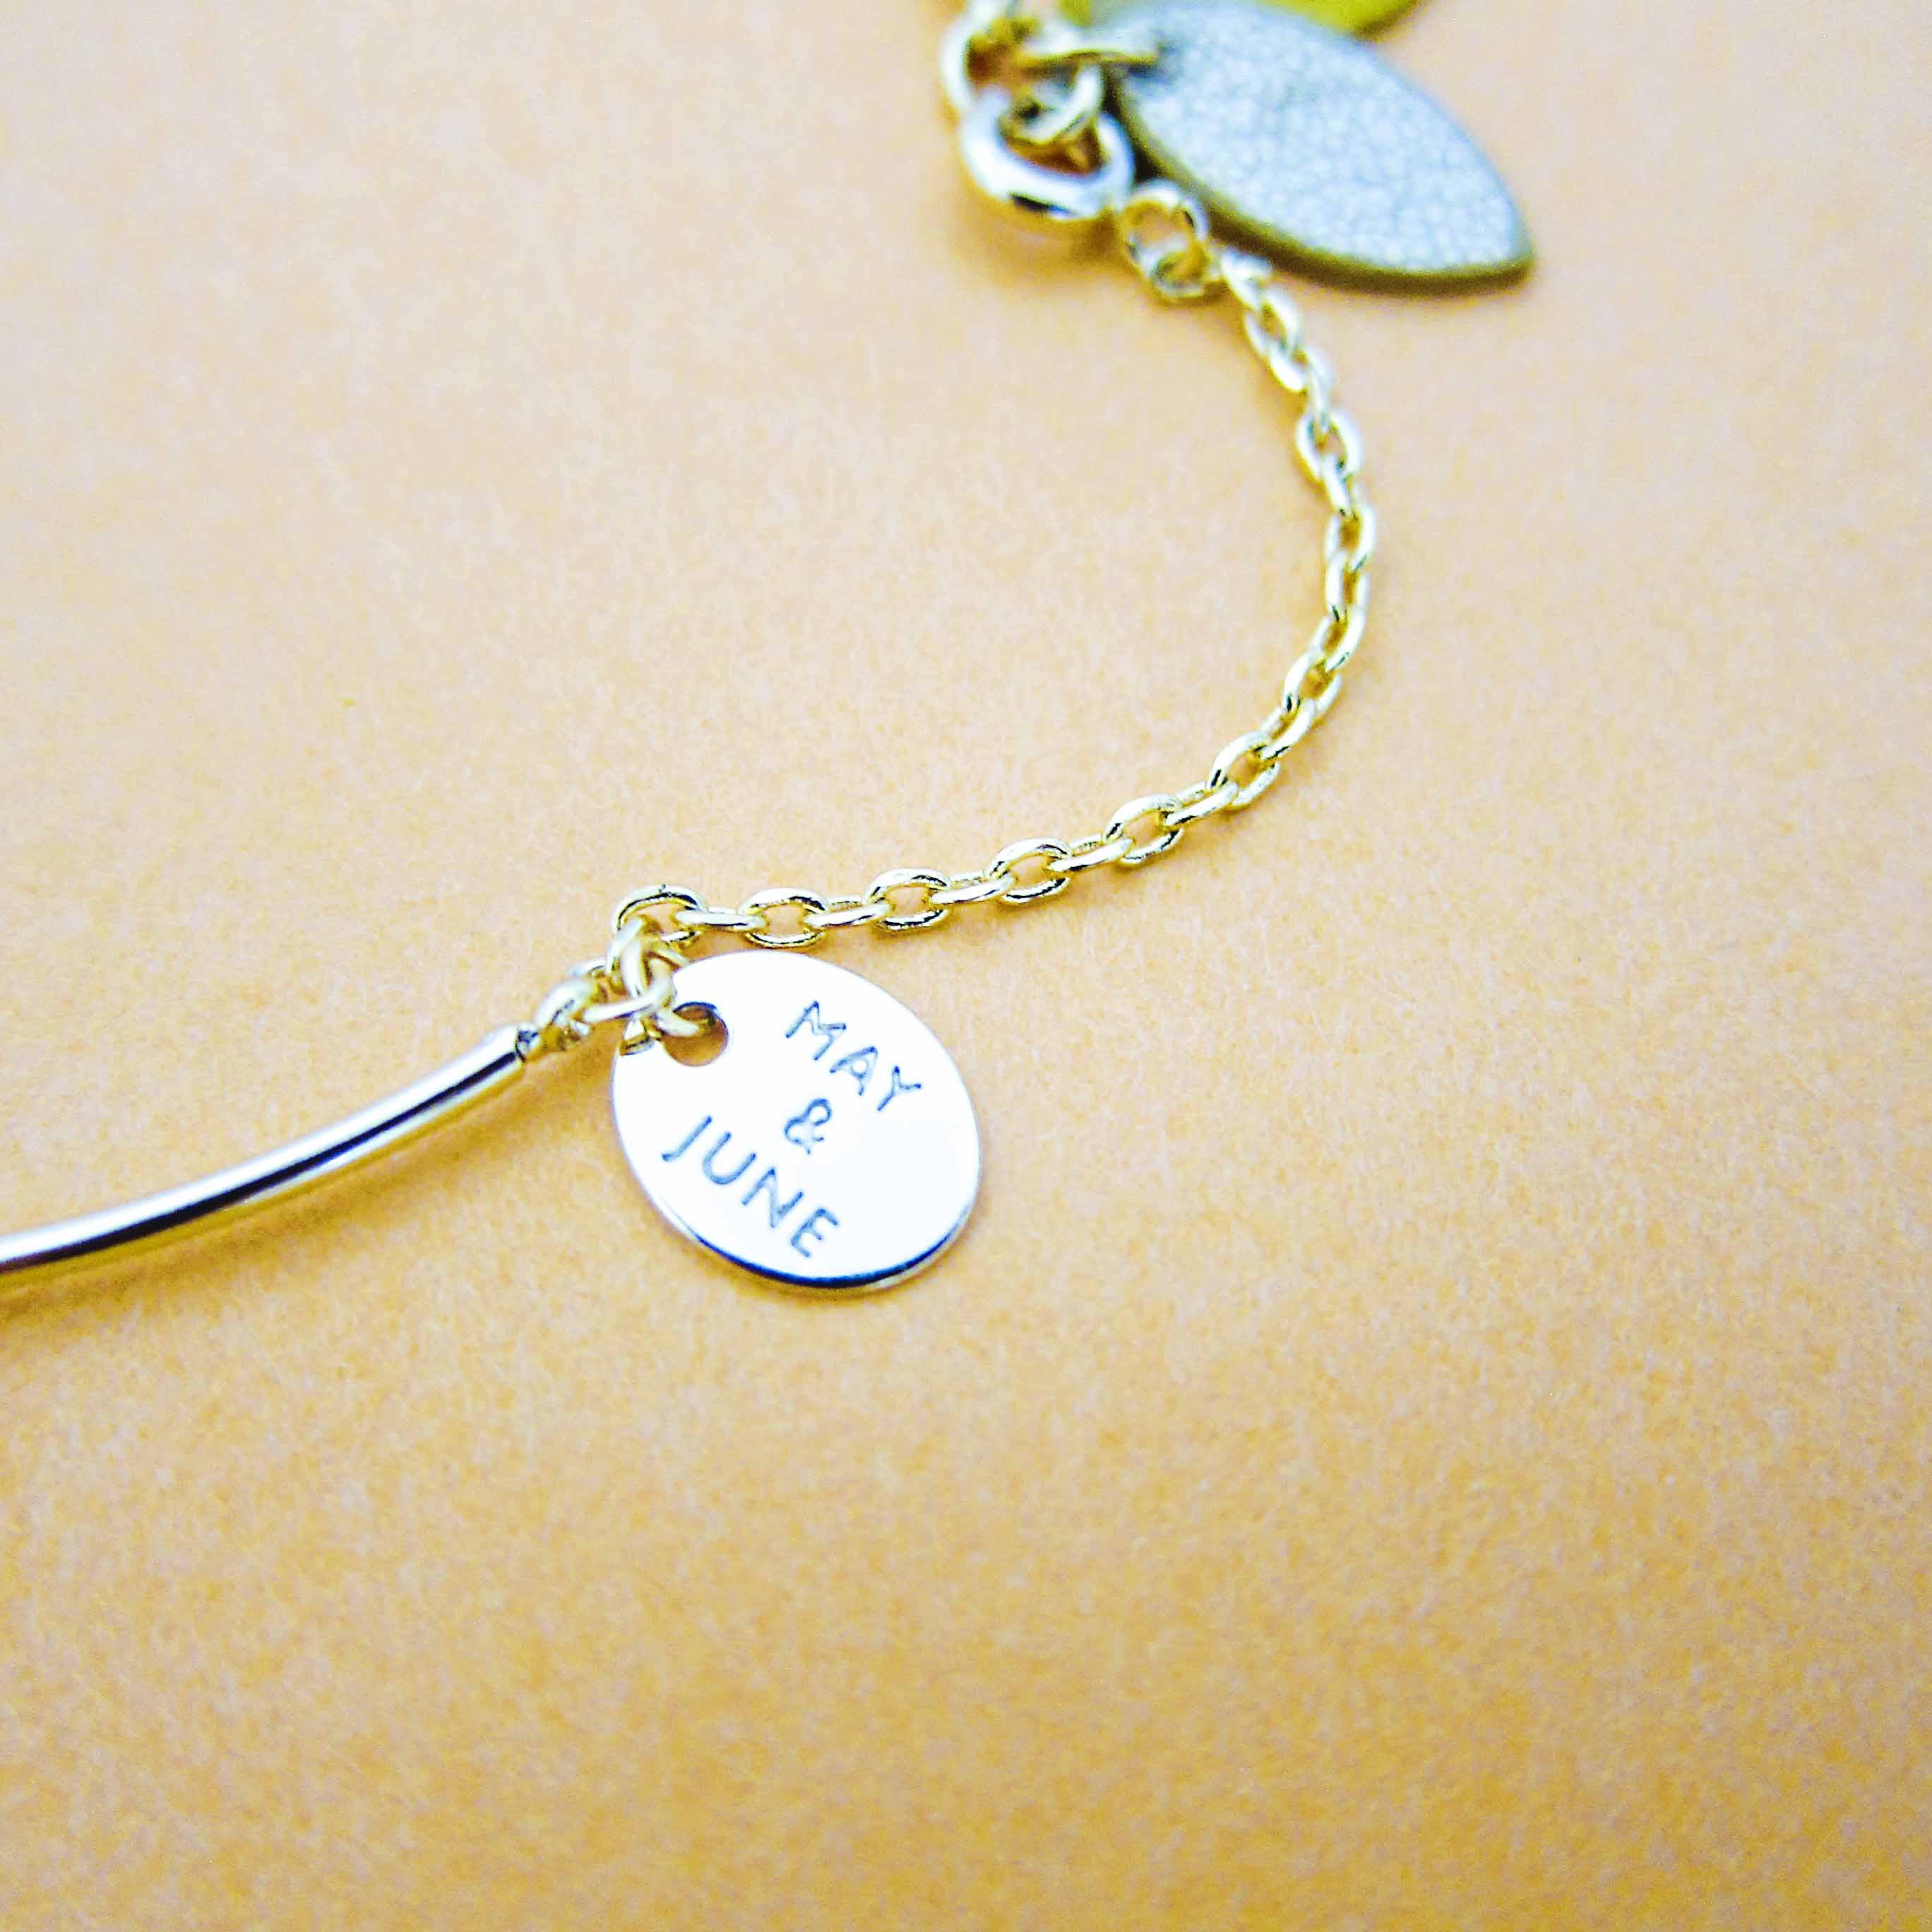 Emma & Chloe September 2016 Item - May & June Tumen Bracelet in Gold